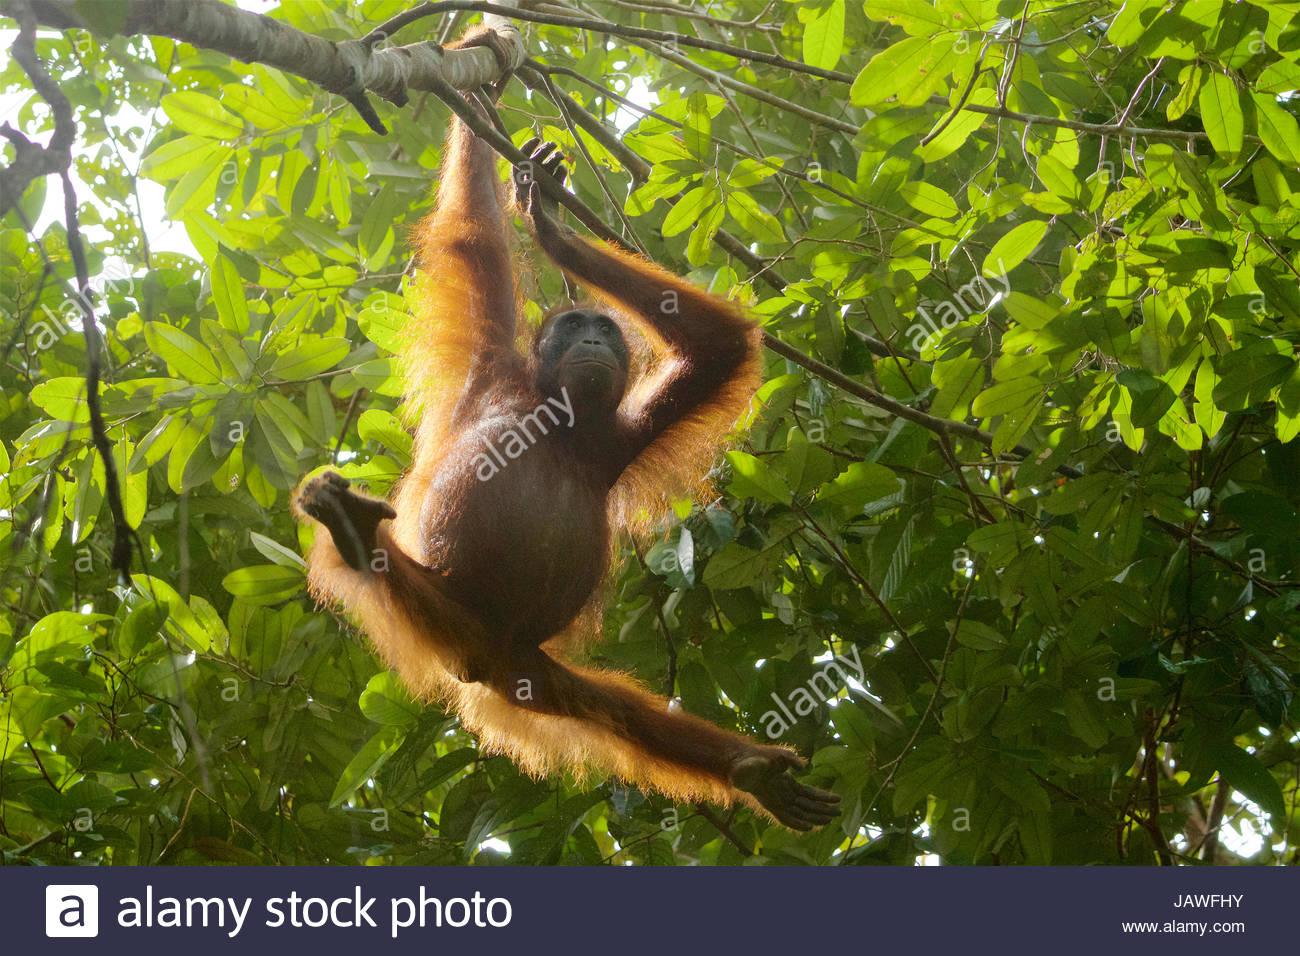 Una mujer adulta, orangután Pongo pygmaeus wurmbii, cuelga de un árbol en el Parque Nacional Gunung Palung. Imagen De Stock